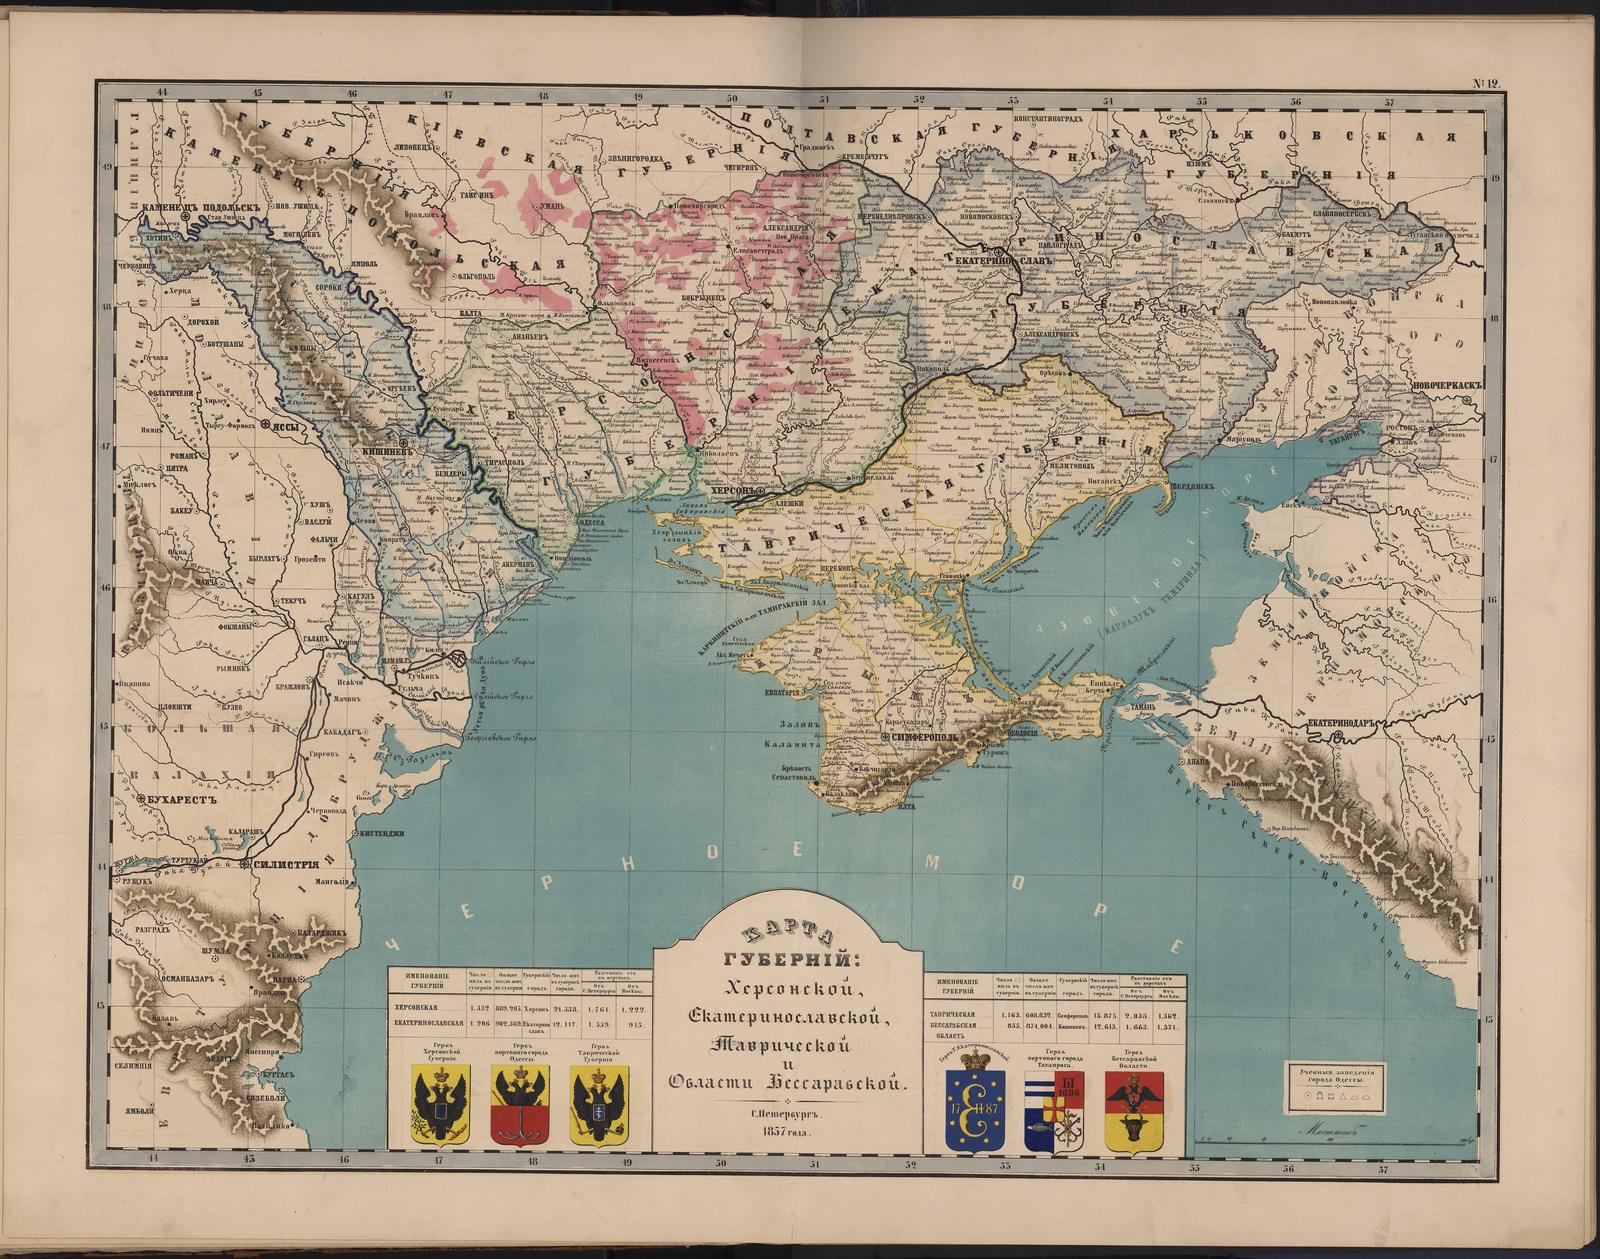 12. Карта губерний Херсонской, Екатеринславской, Таврической и Области Бессарабской